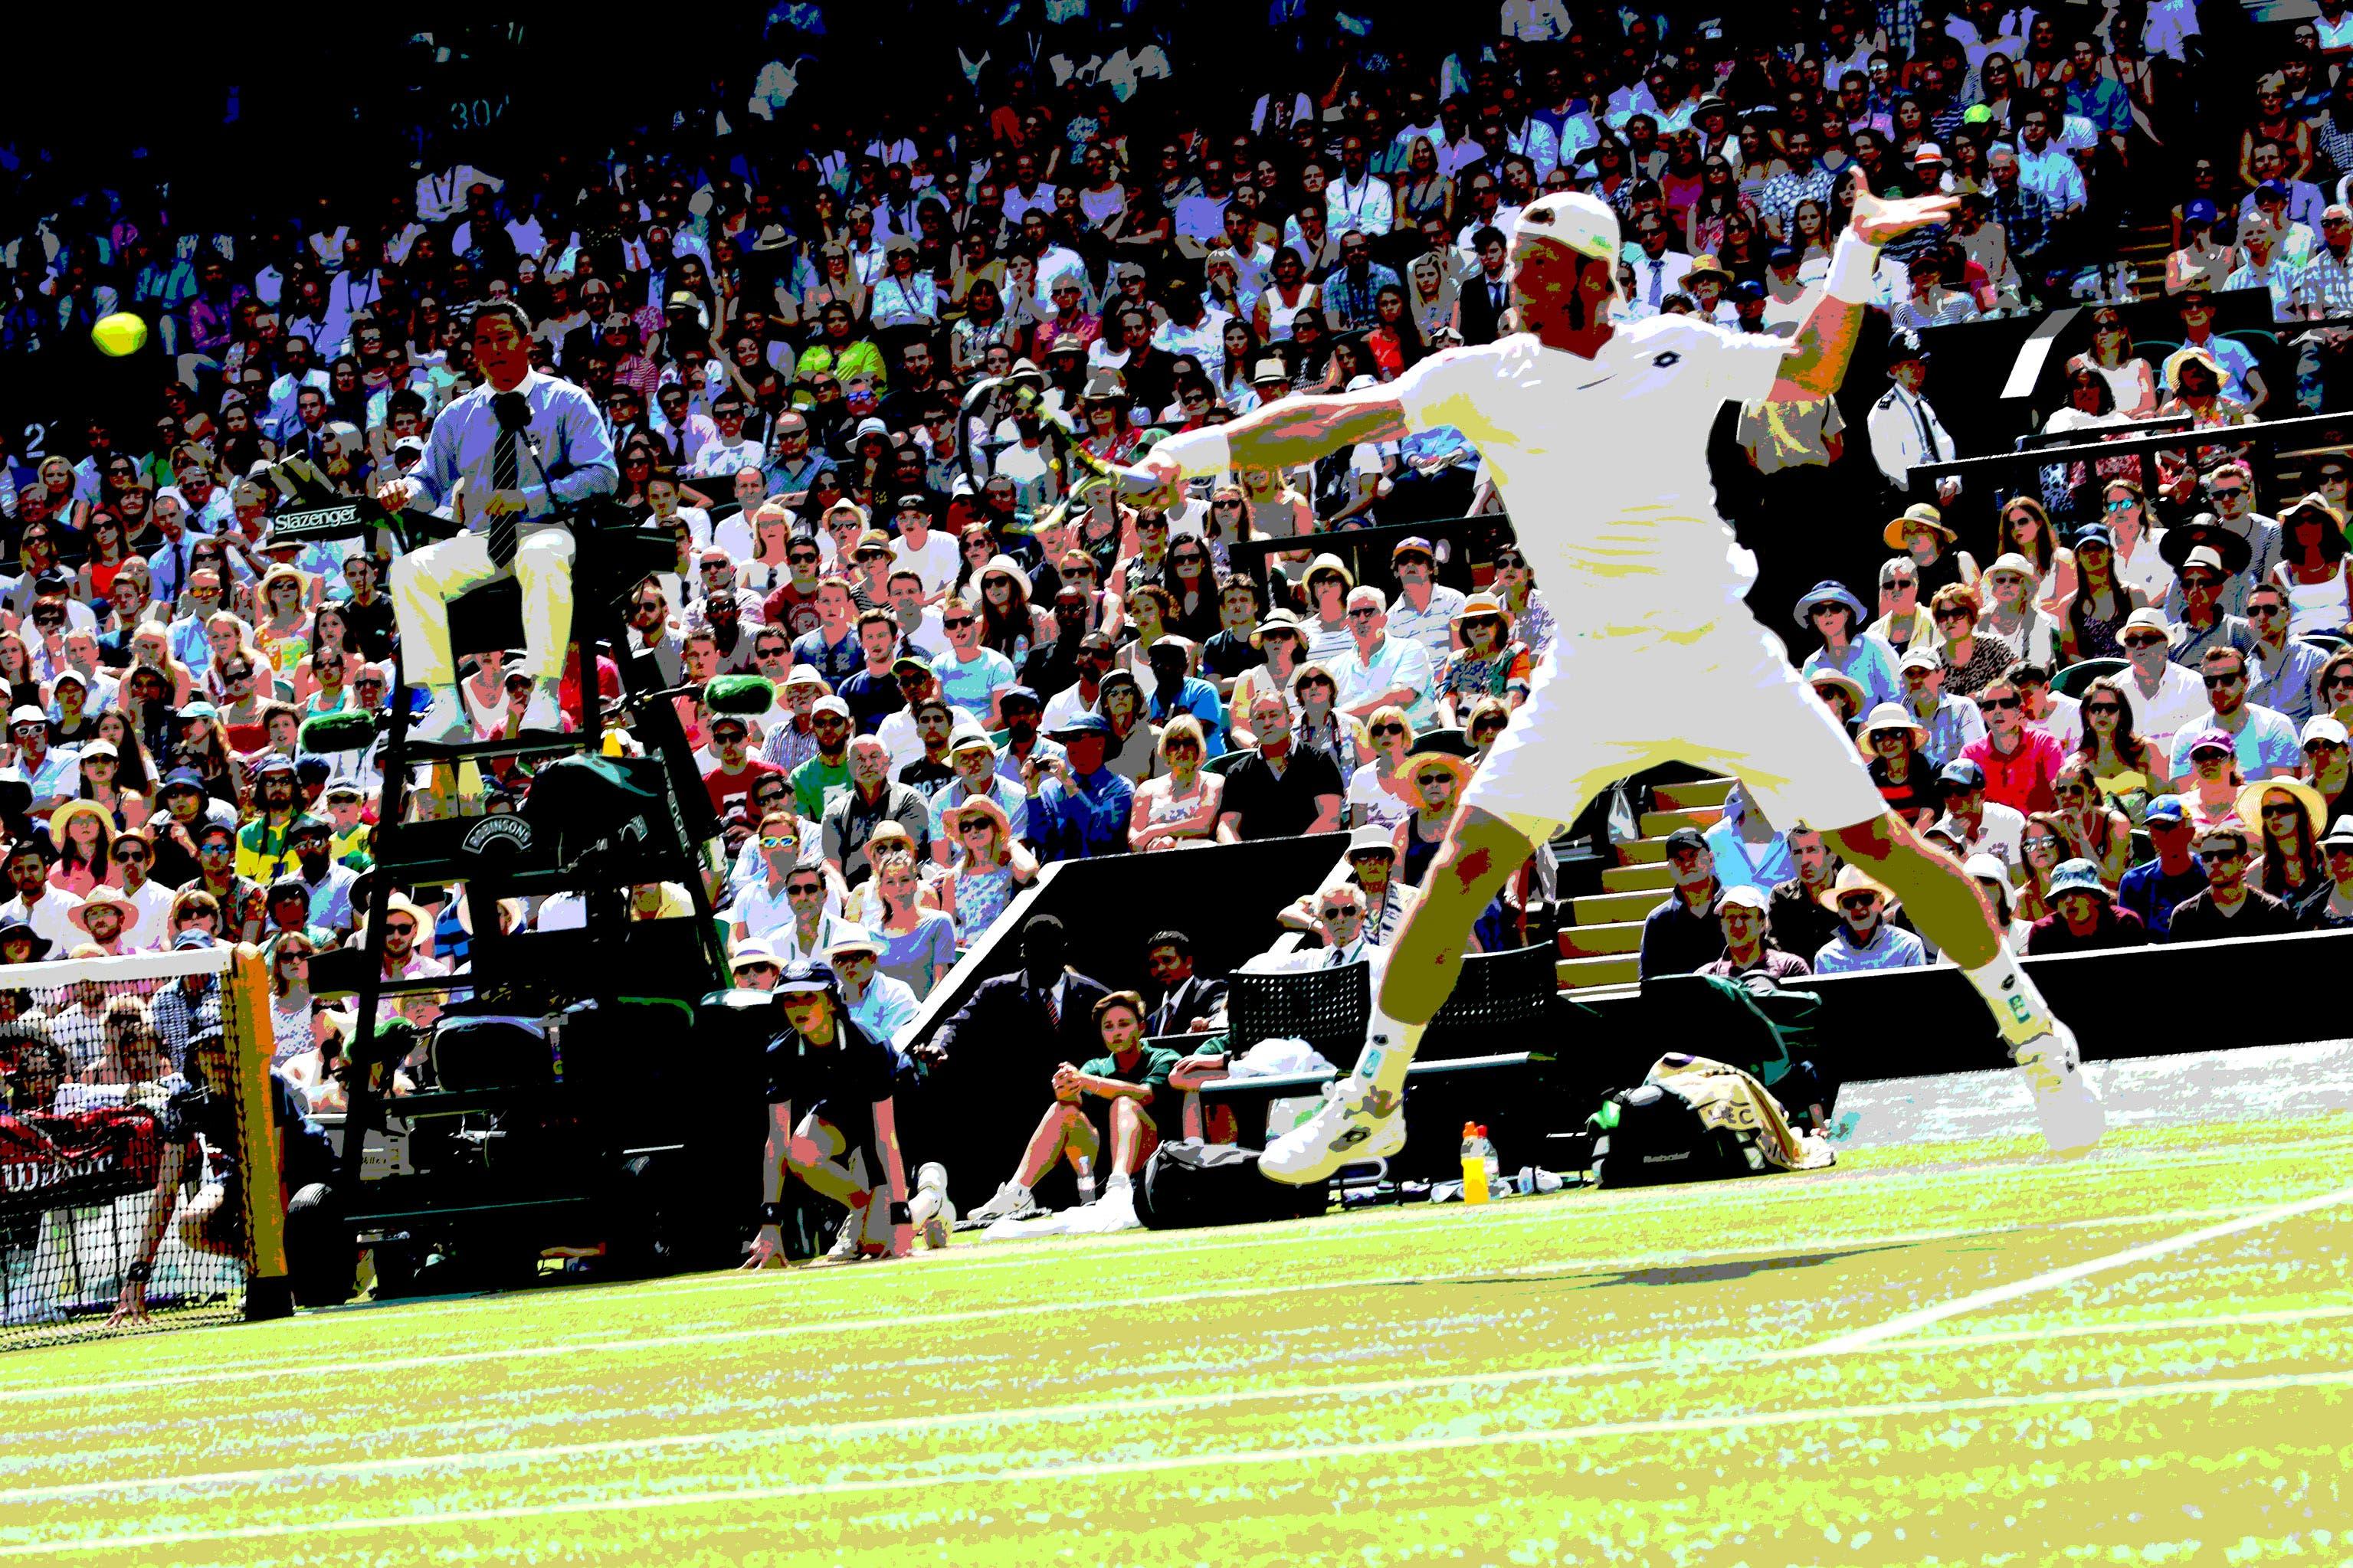 Sam Groth, addio al tennis a 30 anni